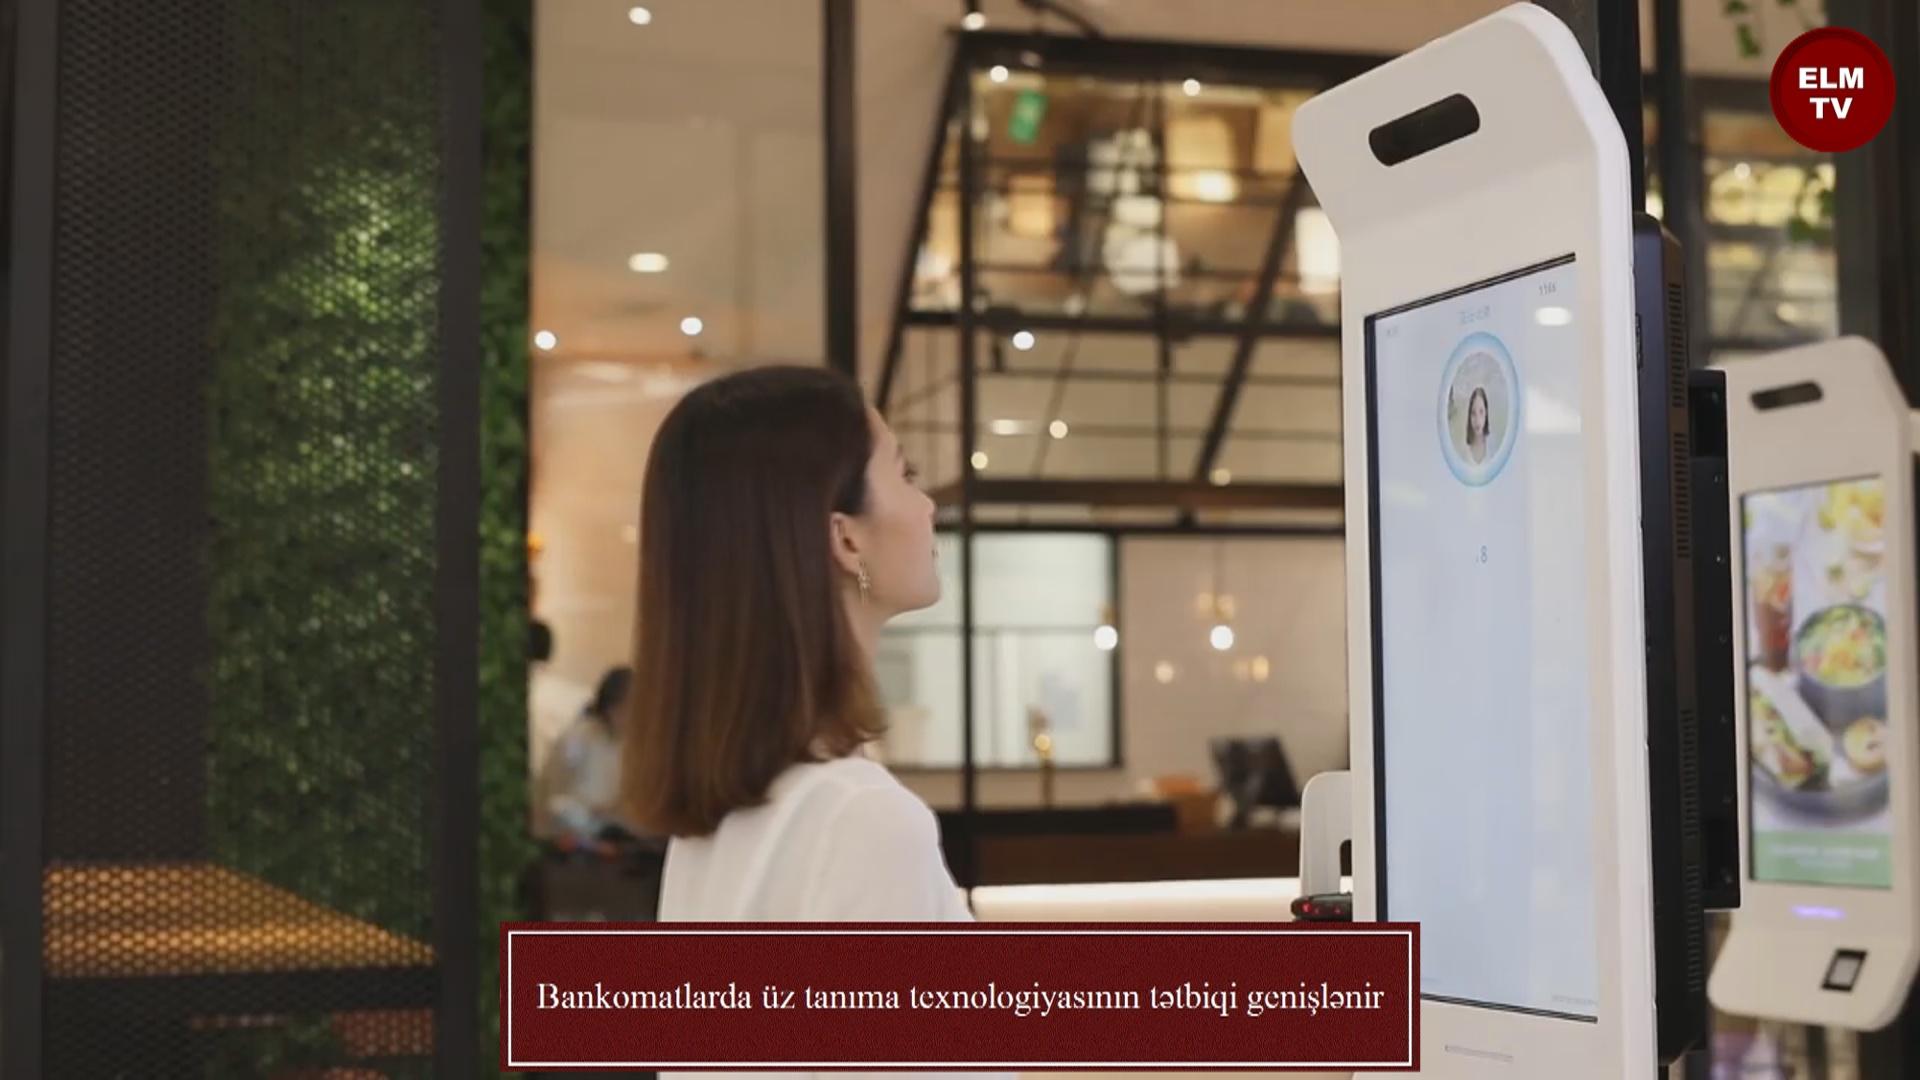 Bankomatlarda üz tanıma texnologiyasının tətbiqi genişlənir